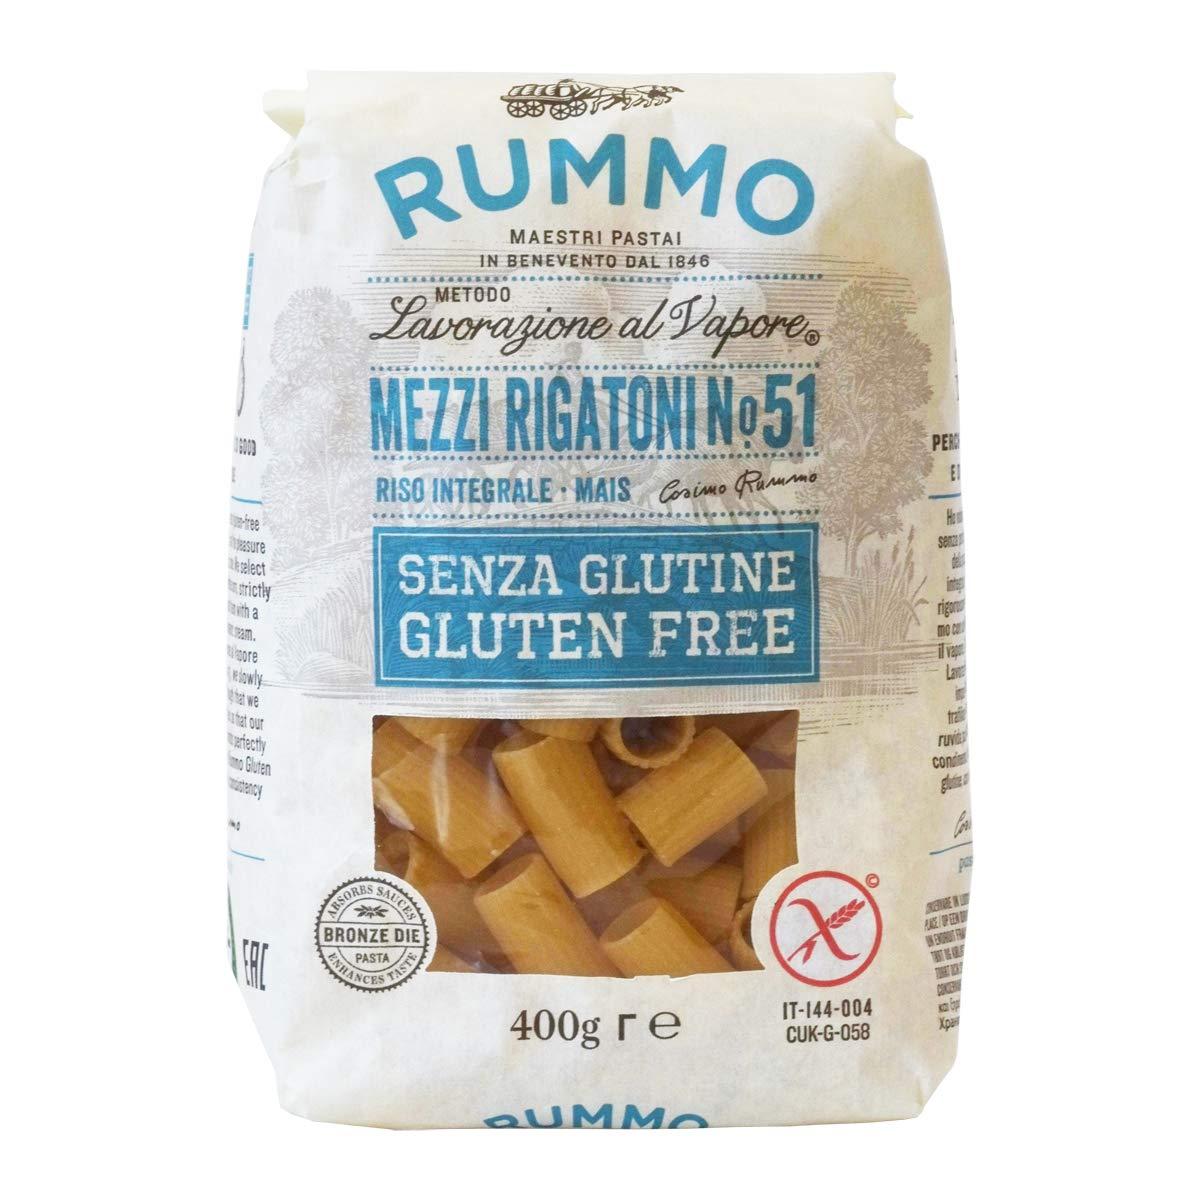 Rummo Mezzi Rigatoni Topics Mail order on TV N ° 51 Pasta 14 Free Gluten Italian